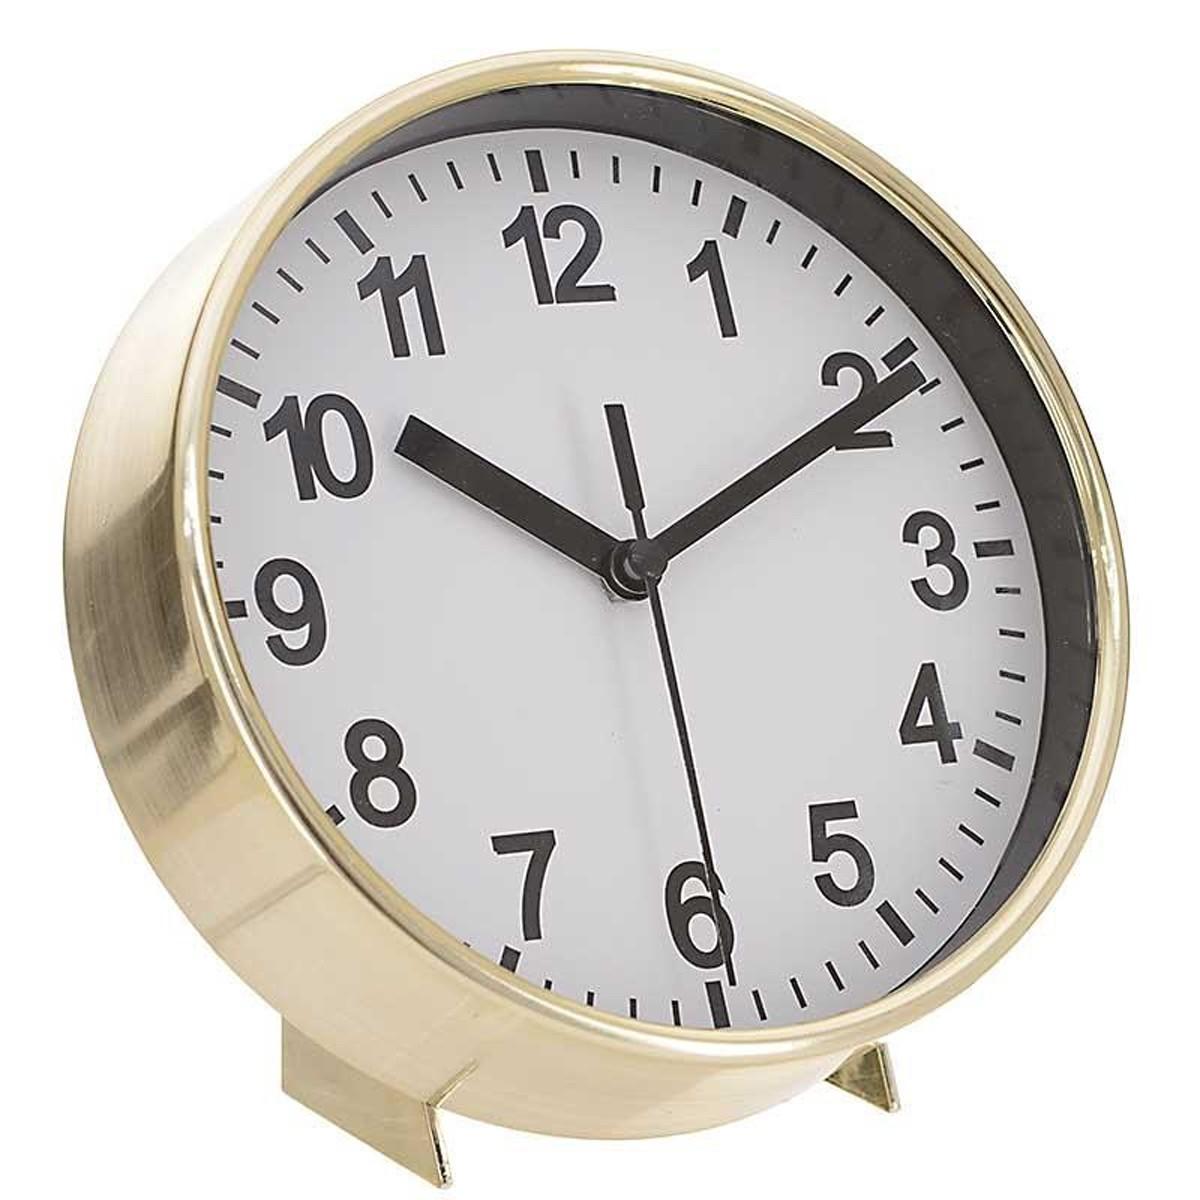 Επιτραπέζιο Ρολόι InArt 3-20-828-0069 home   διακόσμηση   ρολόγια